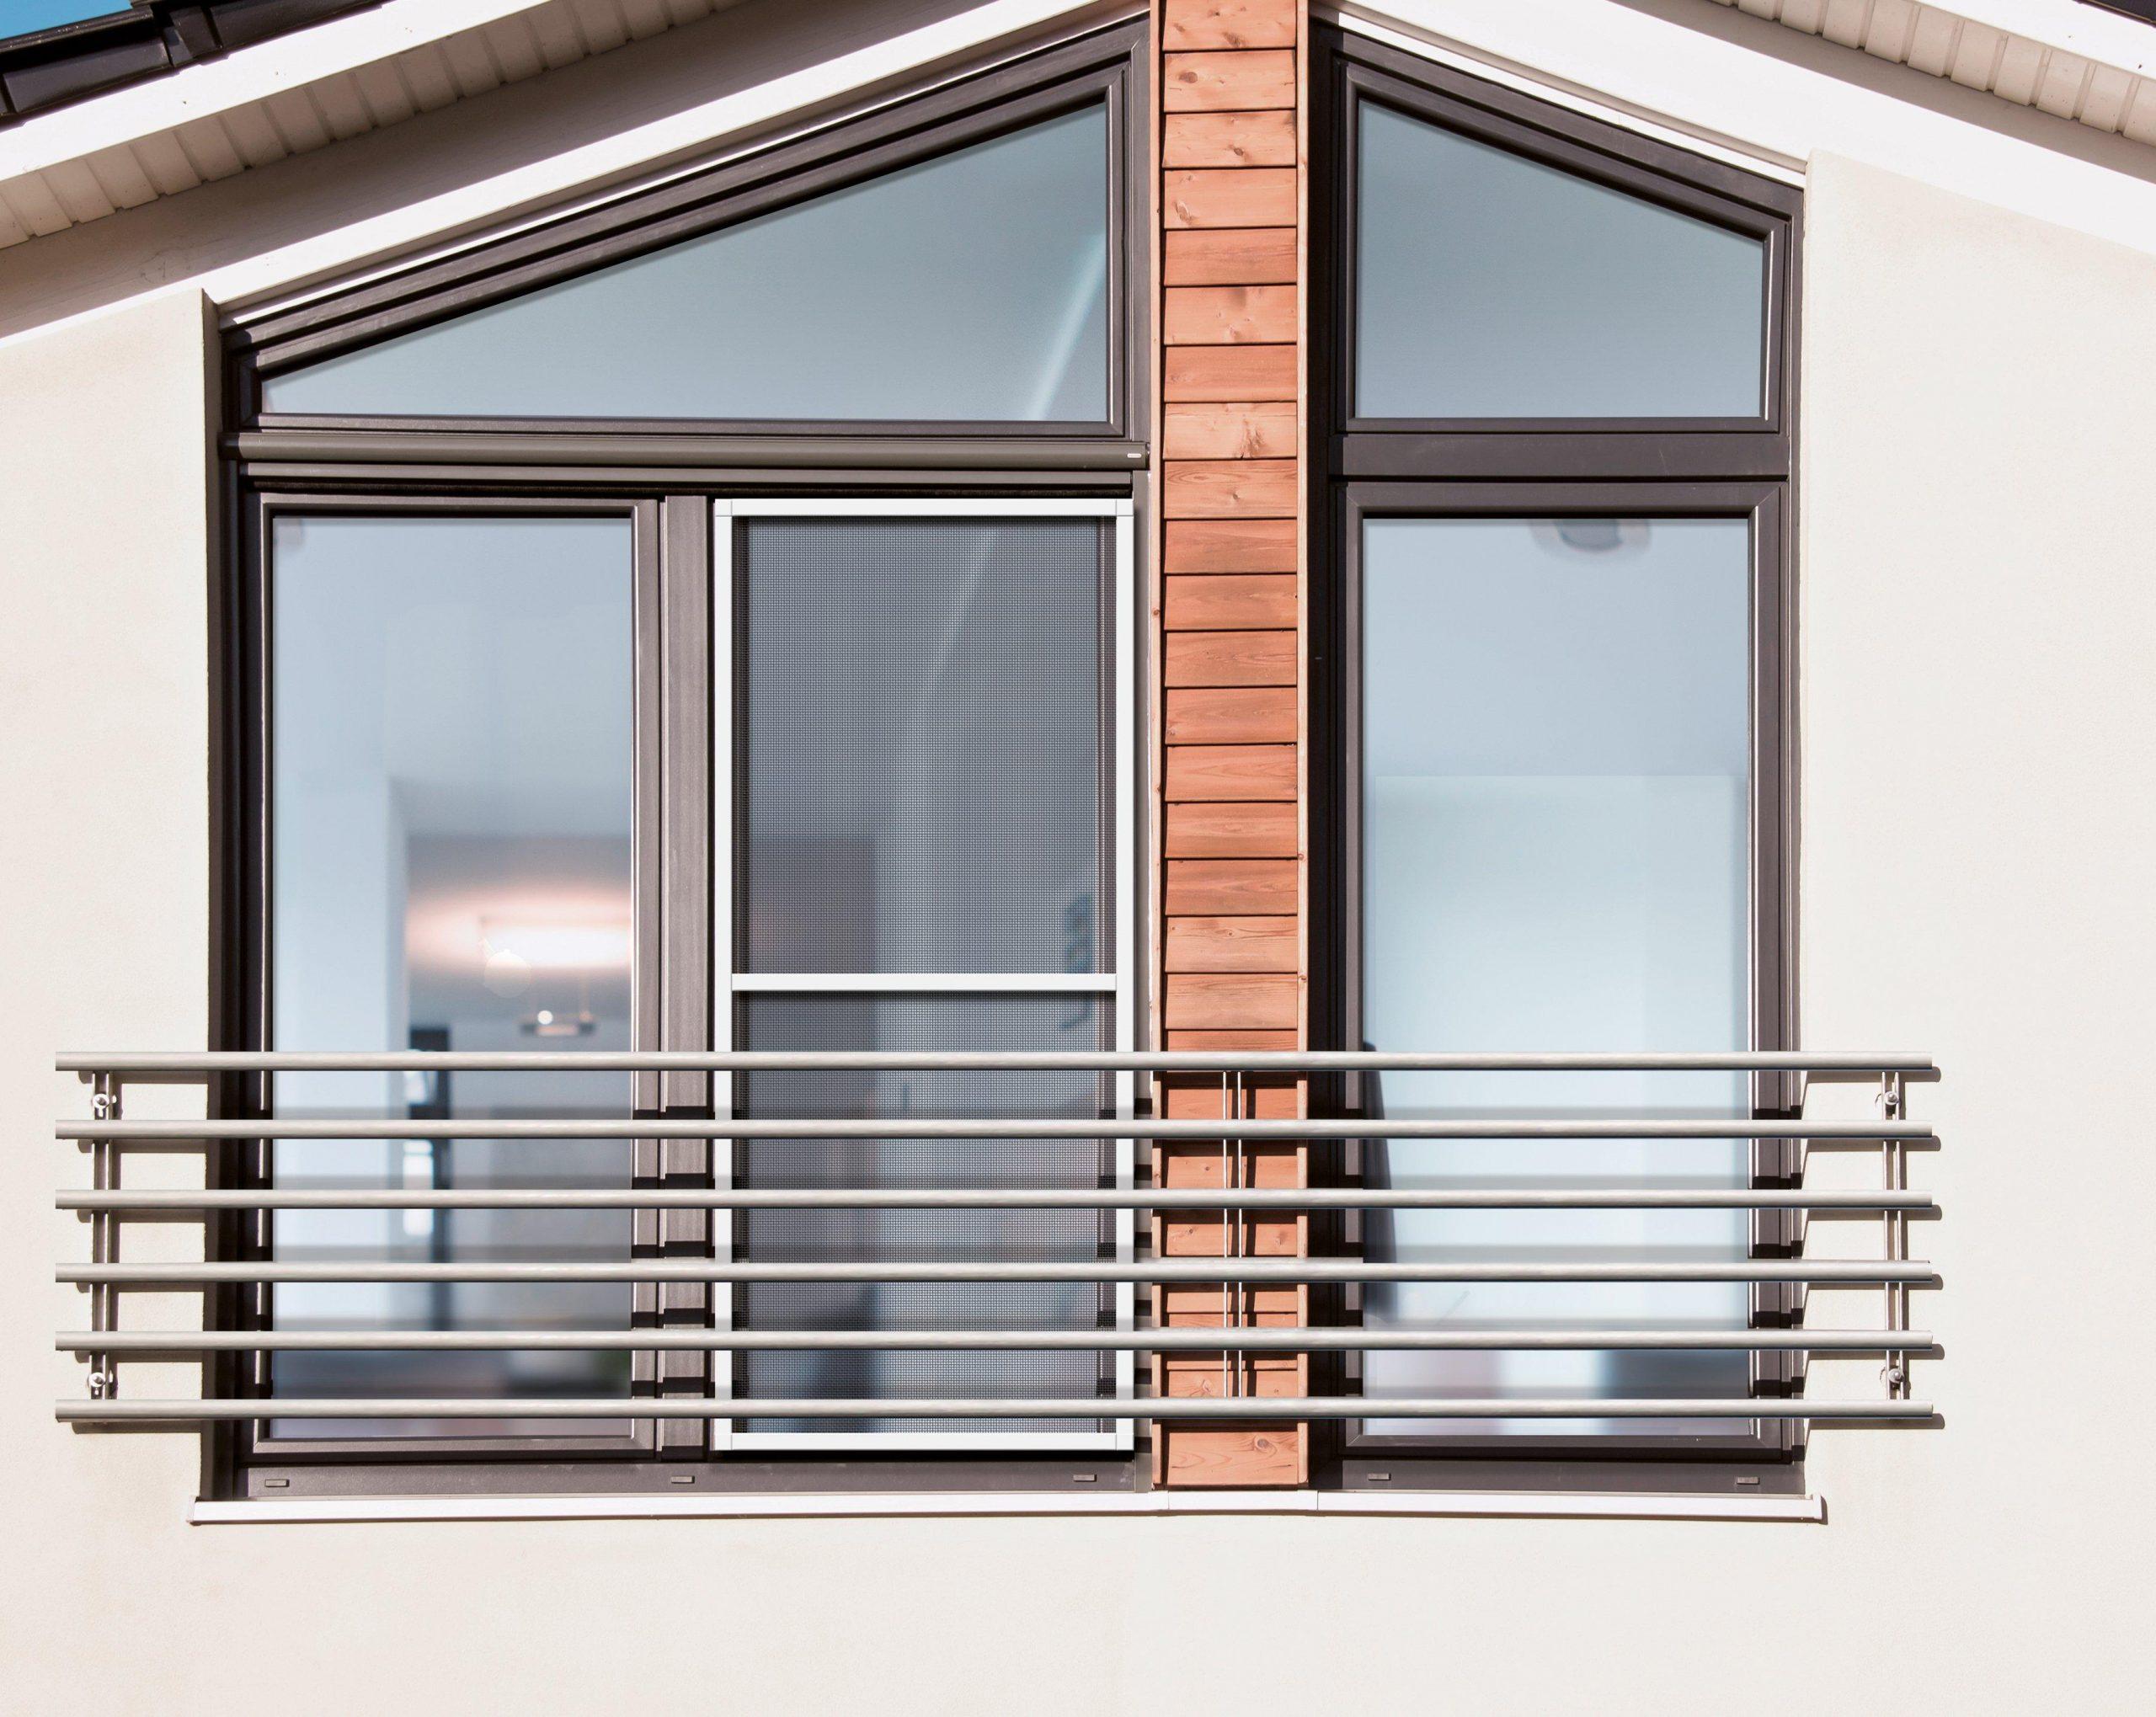 Full Size of Insektenschutz Fenster Schellenberg Set Premium Landhaus Drutex Mit Rolladenkasten Einbruchsichere Test Sichtschutzfolie Einseitig Durchsichtig Rc 2 Fenster Insektenschutz Fenster